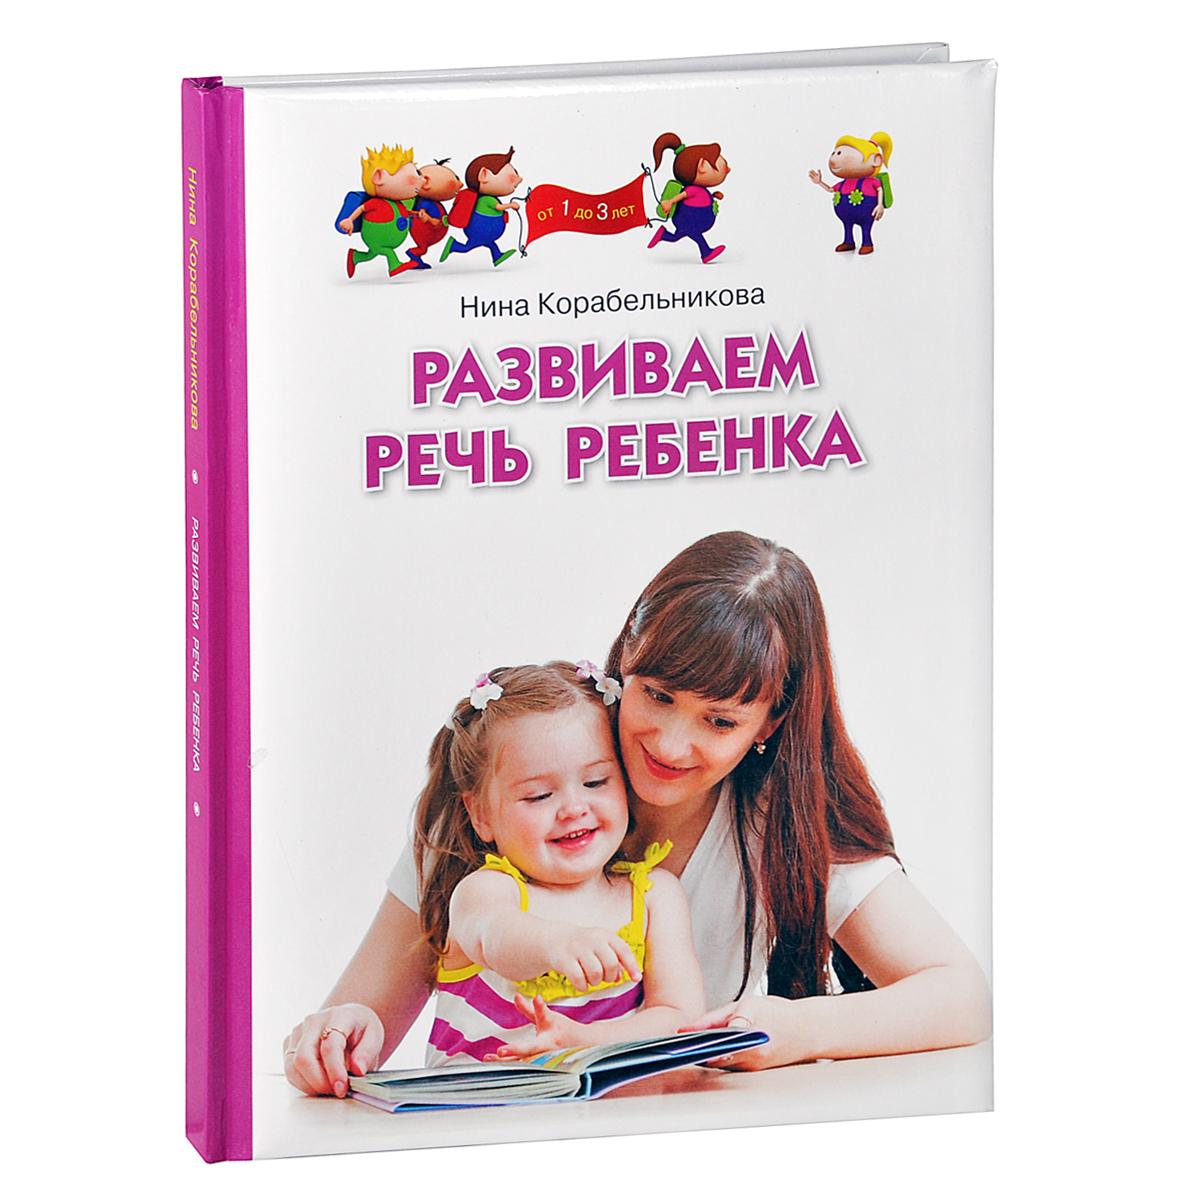 Развиваем речь ребенка. Для детей от 1 до 3 лет12296407Книга рассчитана на занятия по развитию речи и мышления с малышами в возрасте от 1 до 3 лет. Короткие, интересные и содержательные готовые занятия снабжены иллюстрациями и включают в себя полезные советы, которые позволят познакомить маленького «ученика» со многими предметами и явлениями окружающего мира, расширить словарный запас ребенка и его речевые навыки, потренировать память. Издание содержит разделы, посвященные животным и птицам, растениям и временам года, человеку и профессиям, транспорту и одежде, мебели, игрушкам и многим другим темам, и организовано так, что работать с ними можно в любом порядке, возвращаясь к уже пройденному материалу на новом этапе развития.